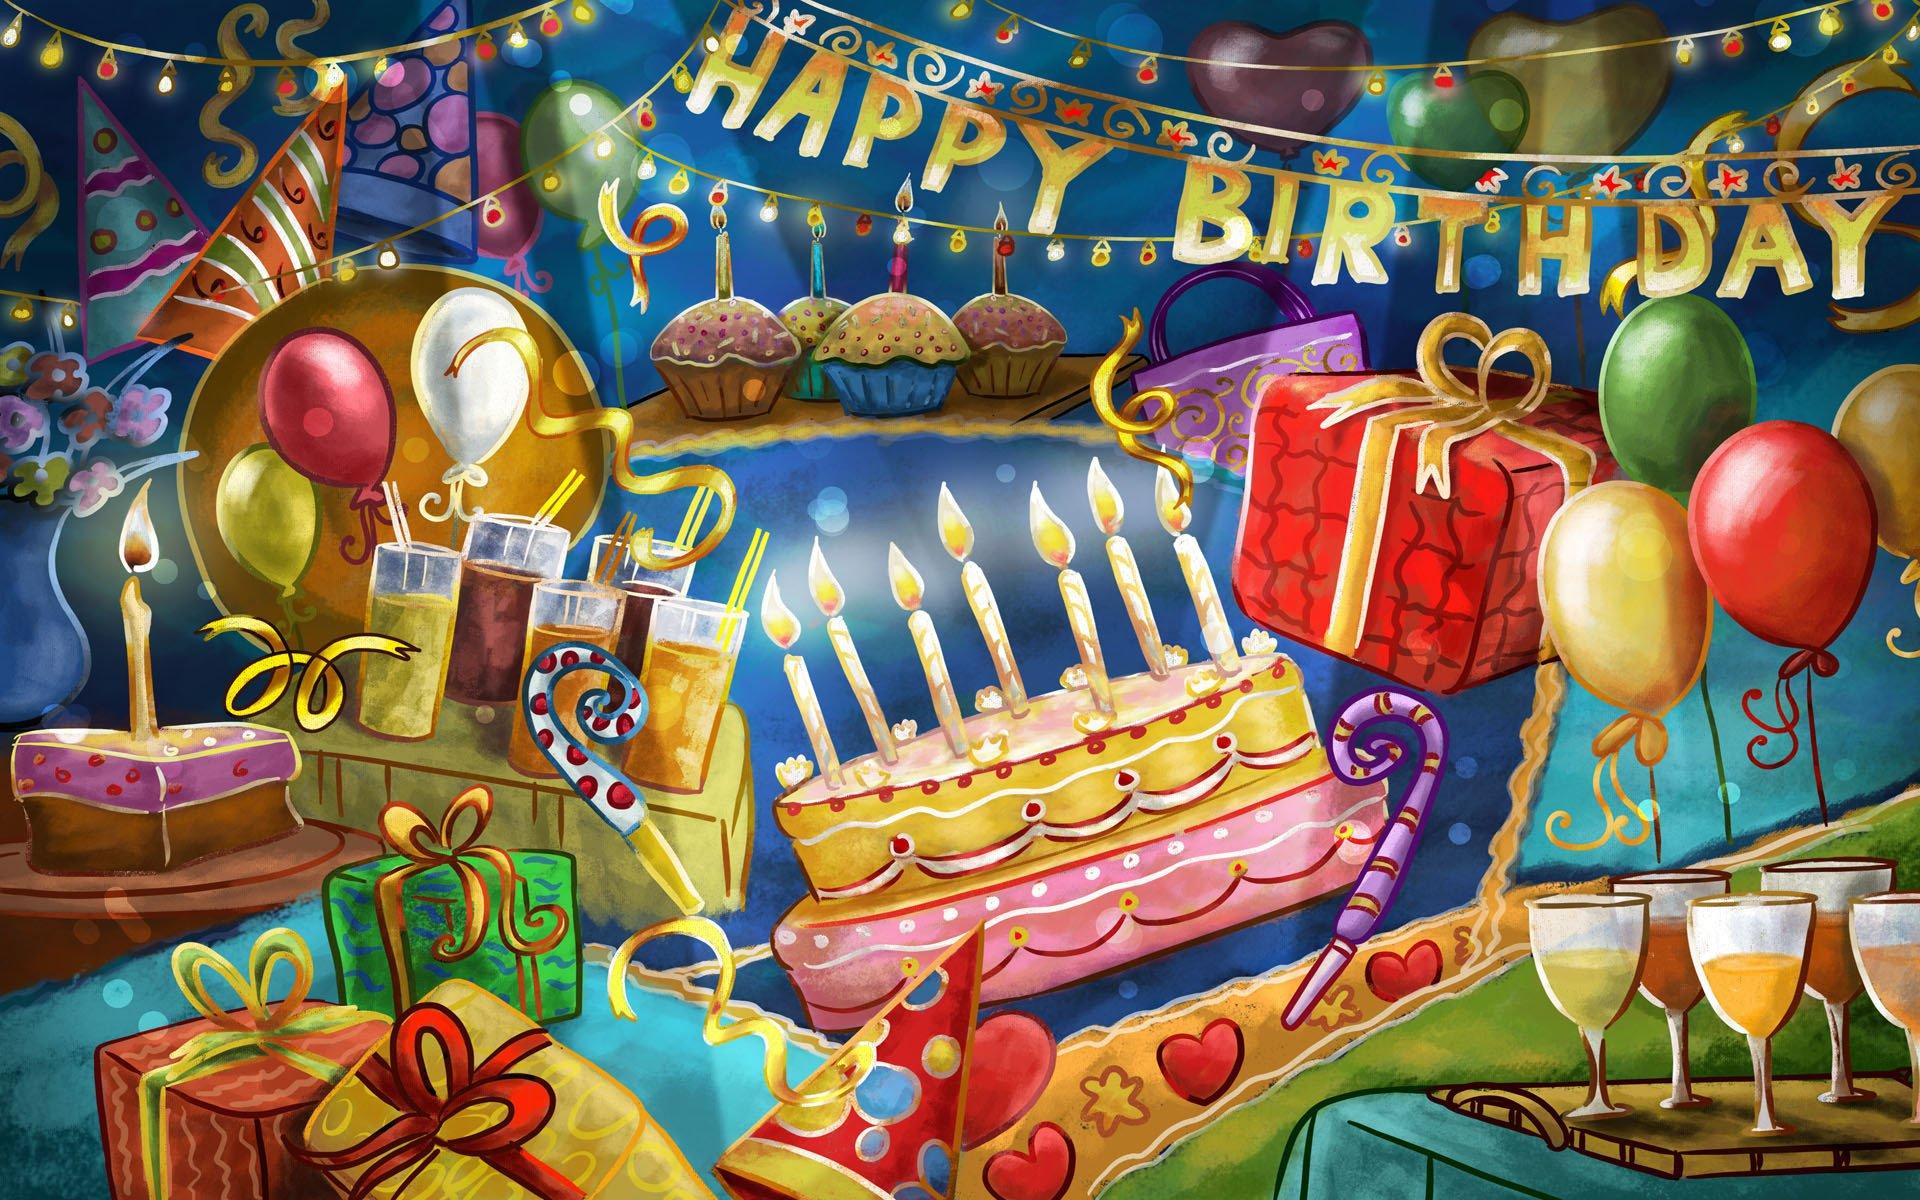 Миниатюра для поздравления с днем рождения